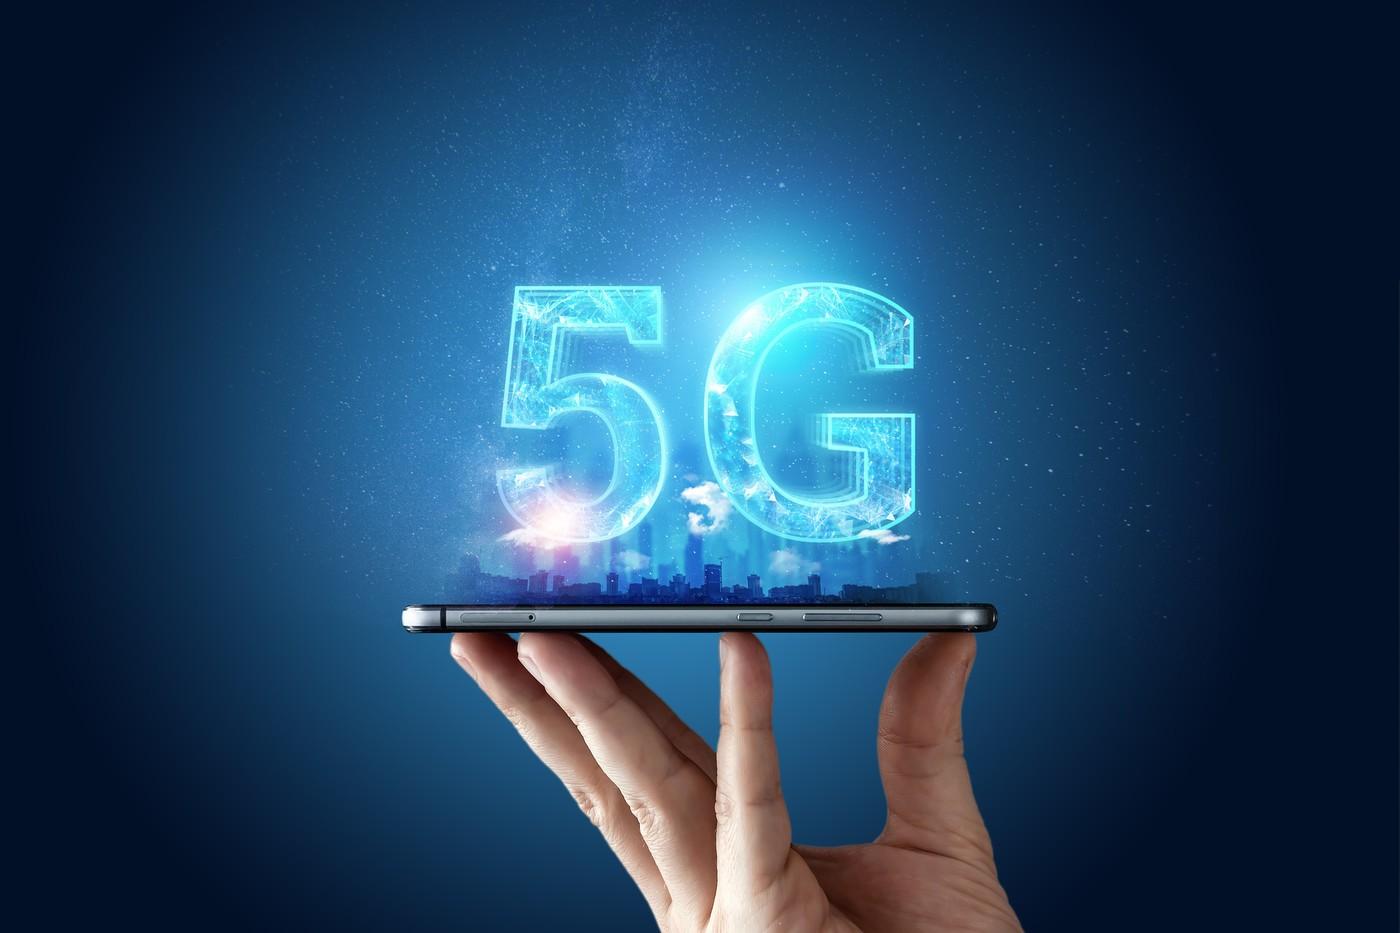 Les États-Unis mettent en place leur propre infrastructure 5G sans Huawei